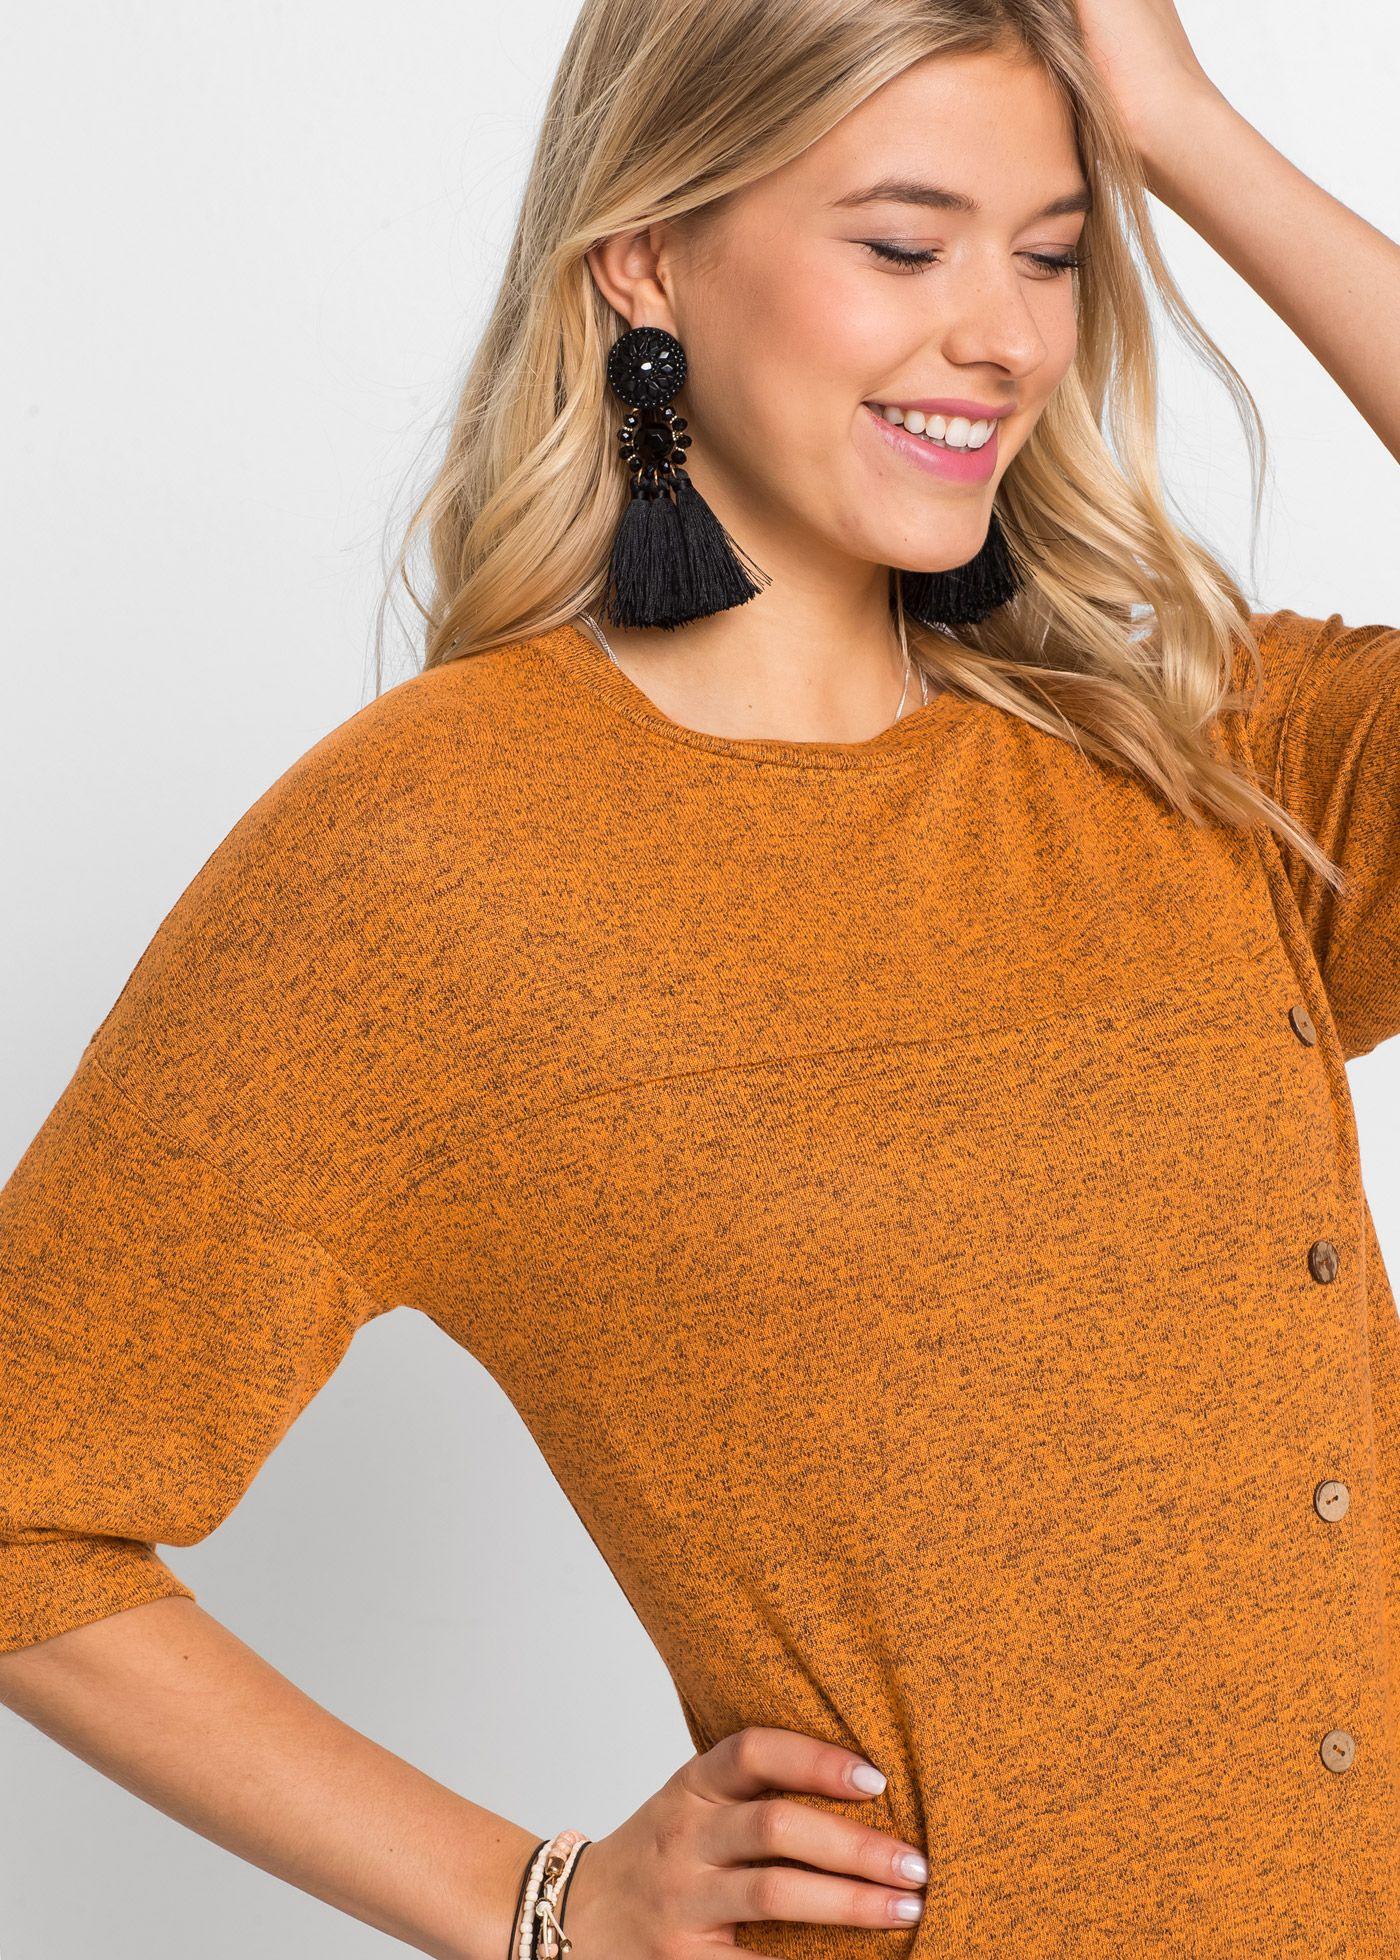 Shirtkleid Mit Knopfleiste Gelb  Rainbow Online Bestellen